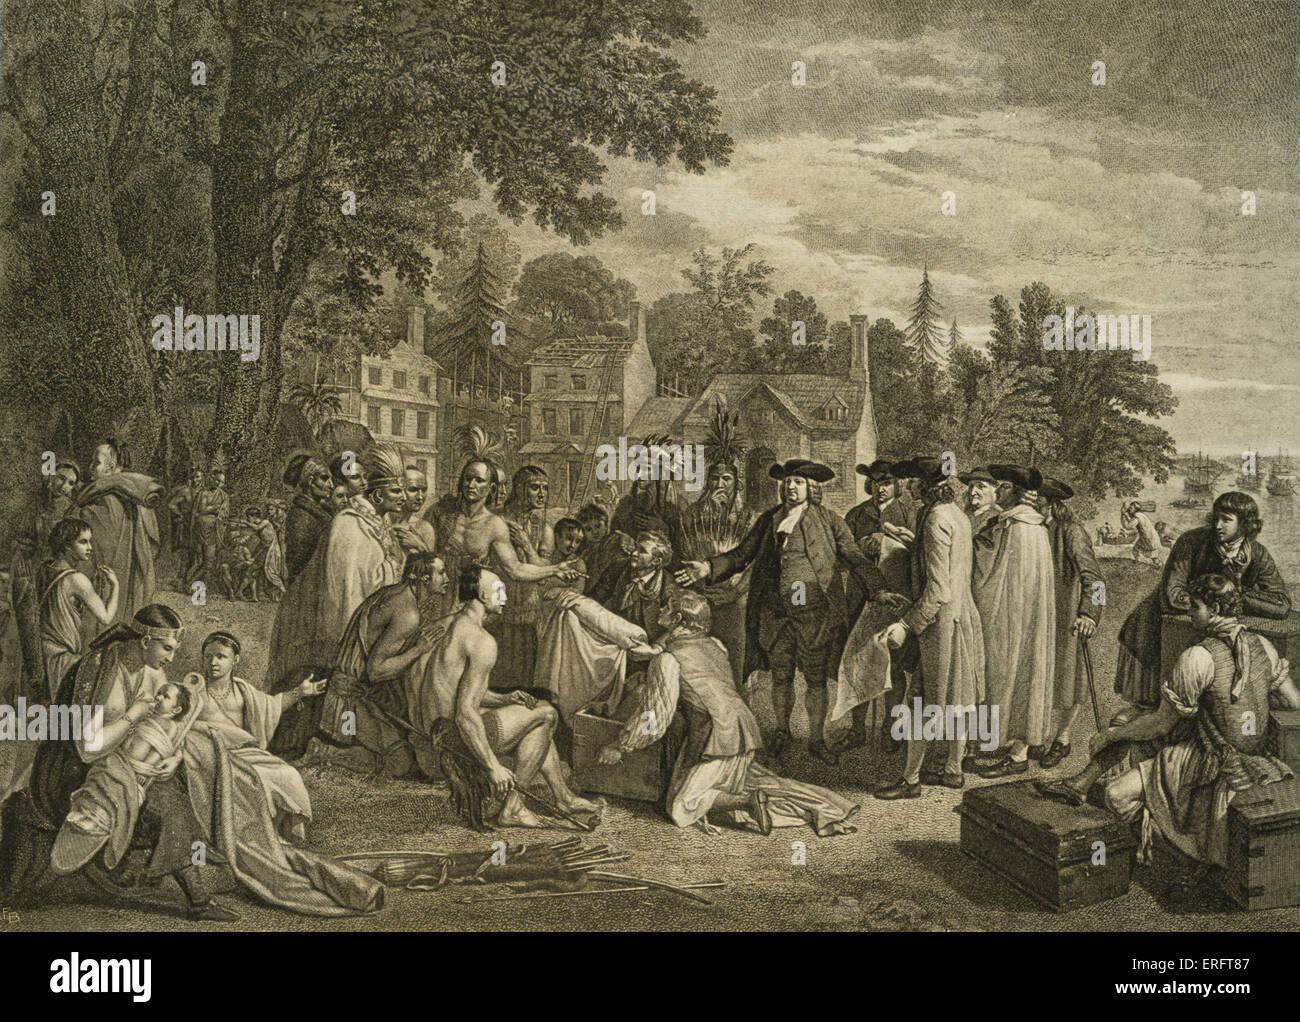 'William Penn trattato con gli indiani, quando fondò la provincia di Pennsylavnia, 1681' - dopo un Immagini Stock